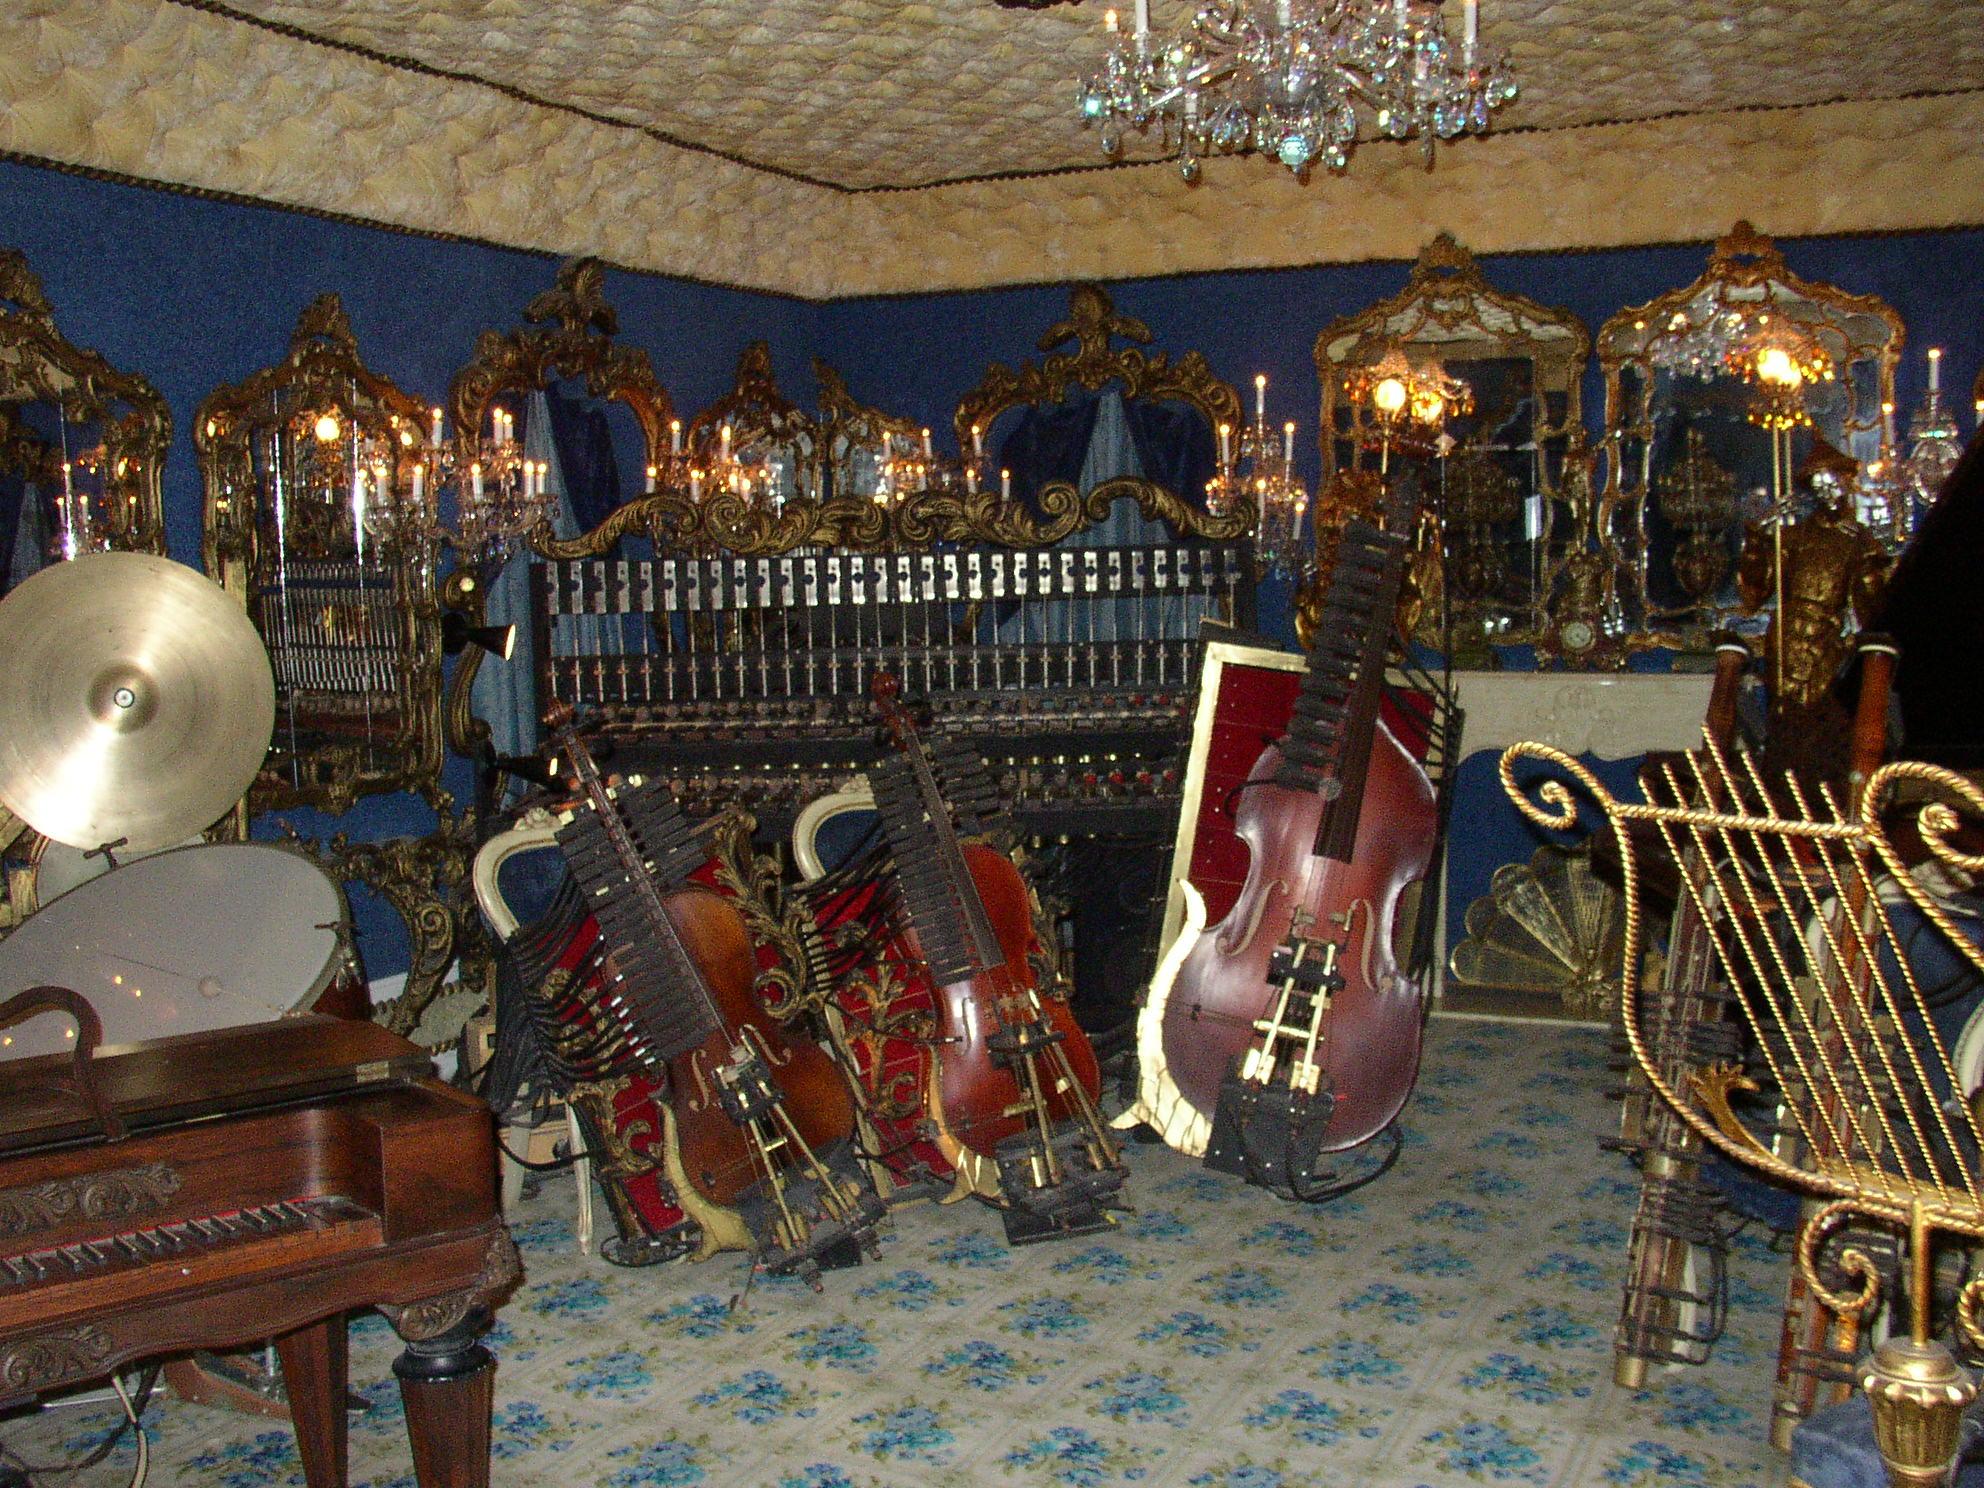 אוסף מוזיקלי. מקור: wikipedia.org